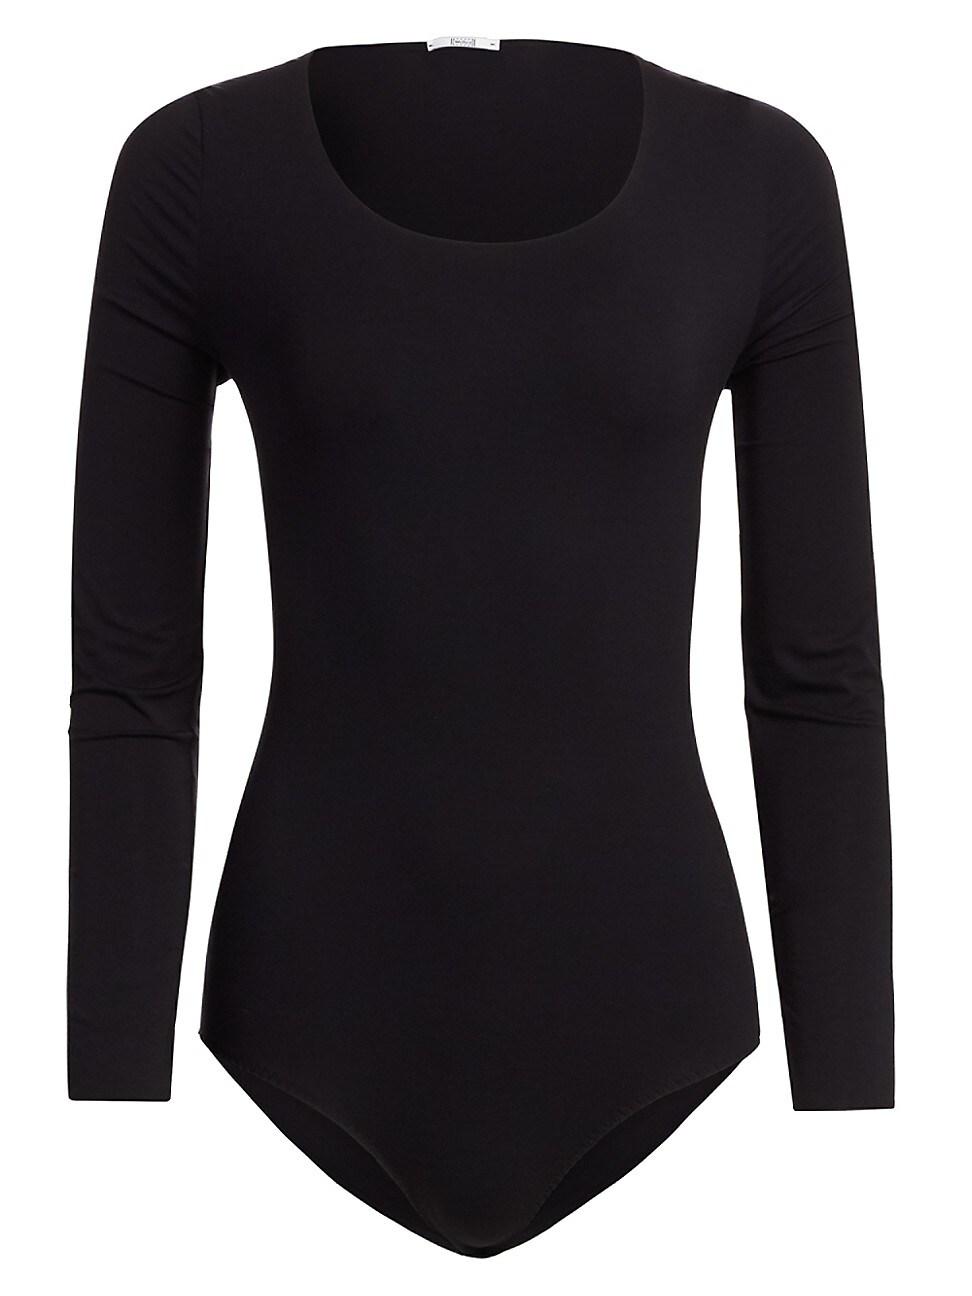 Wolford Women's Pure Bodysuit In Black